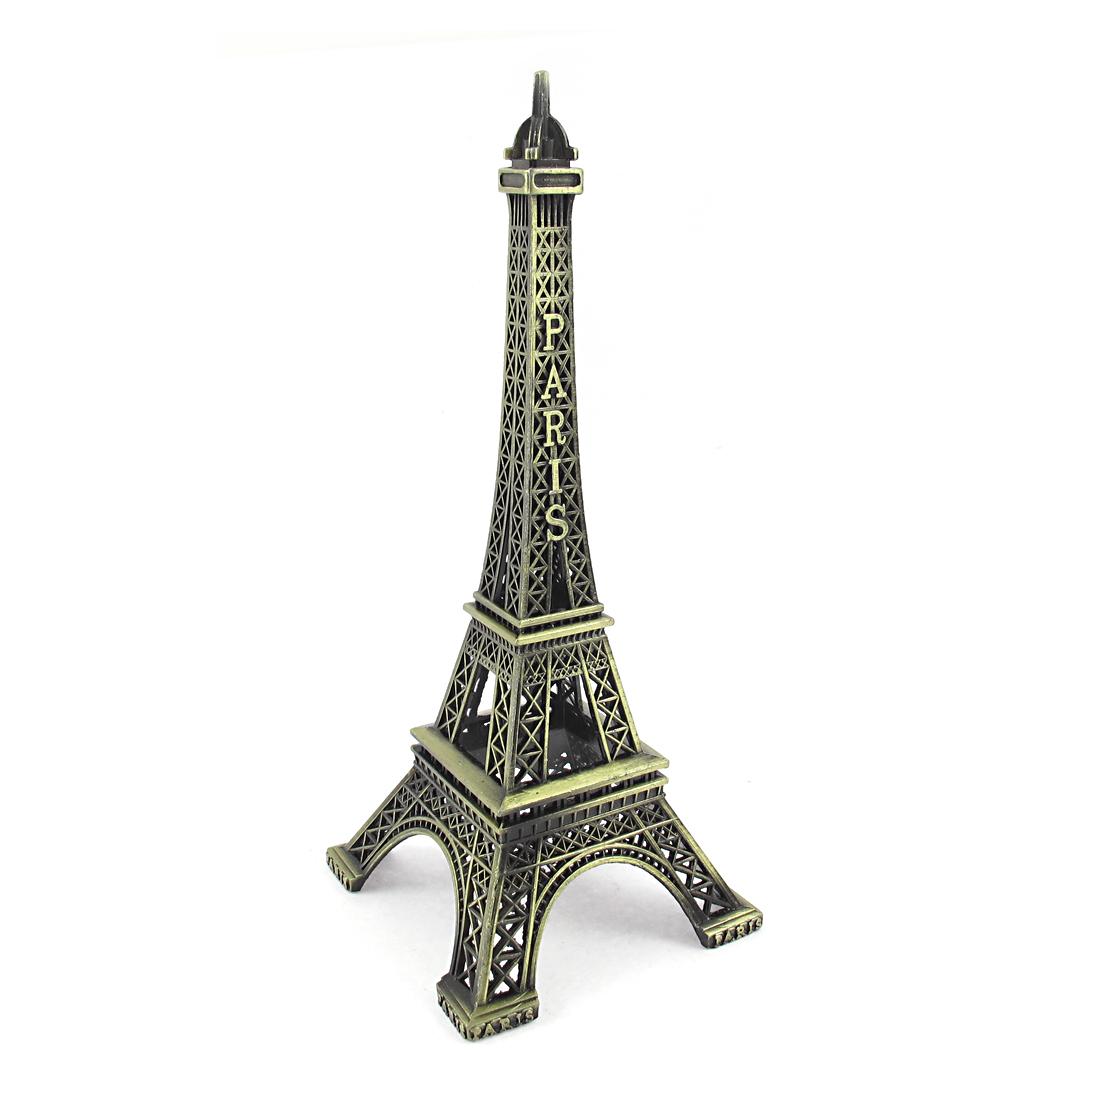 Bronze Tone Vintage Style Metal Paris Eiffel Tower Model Decor 15cm High